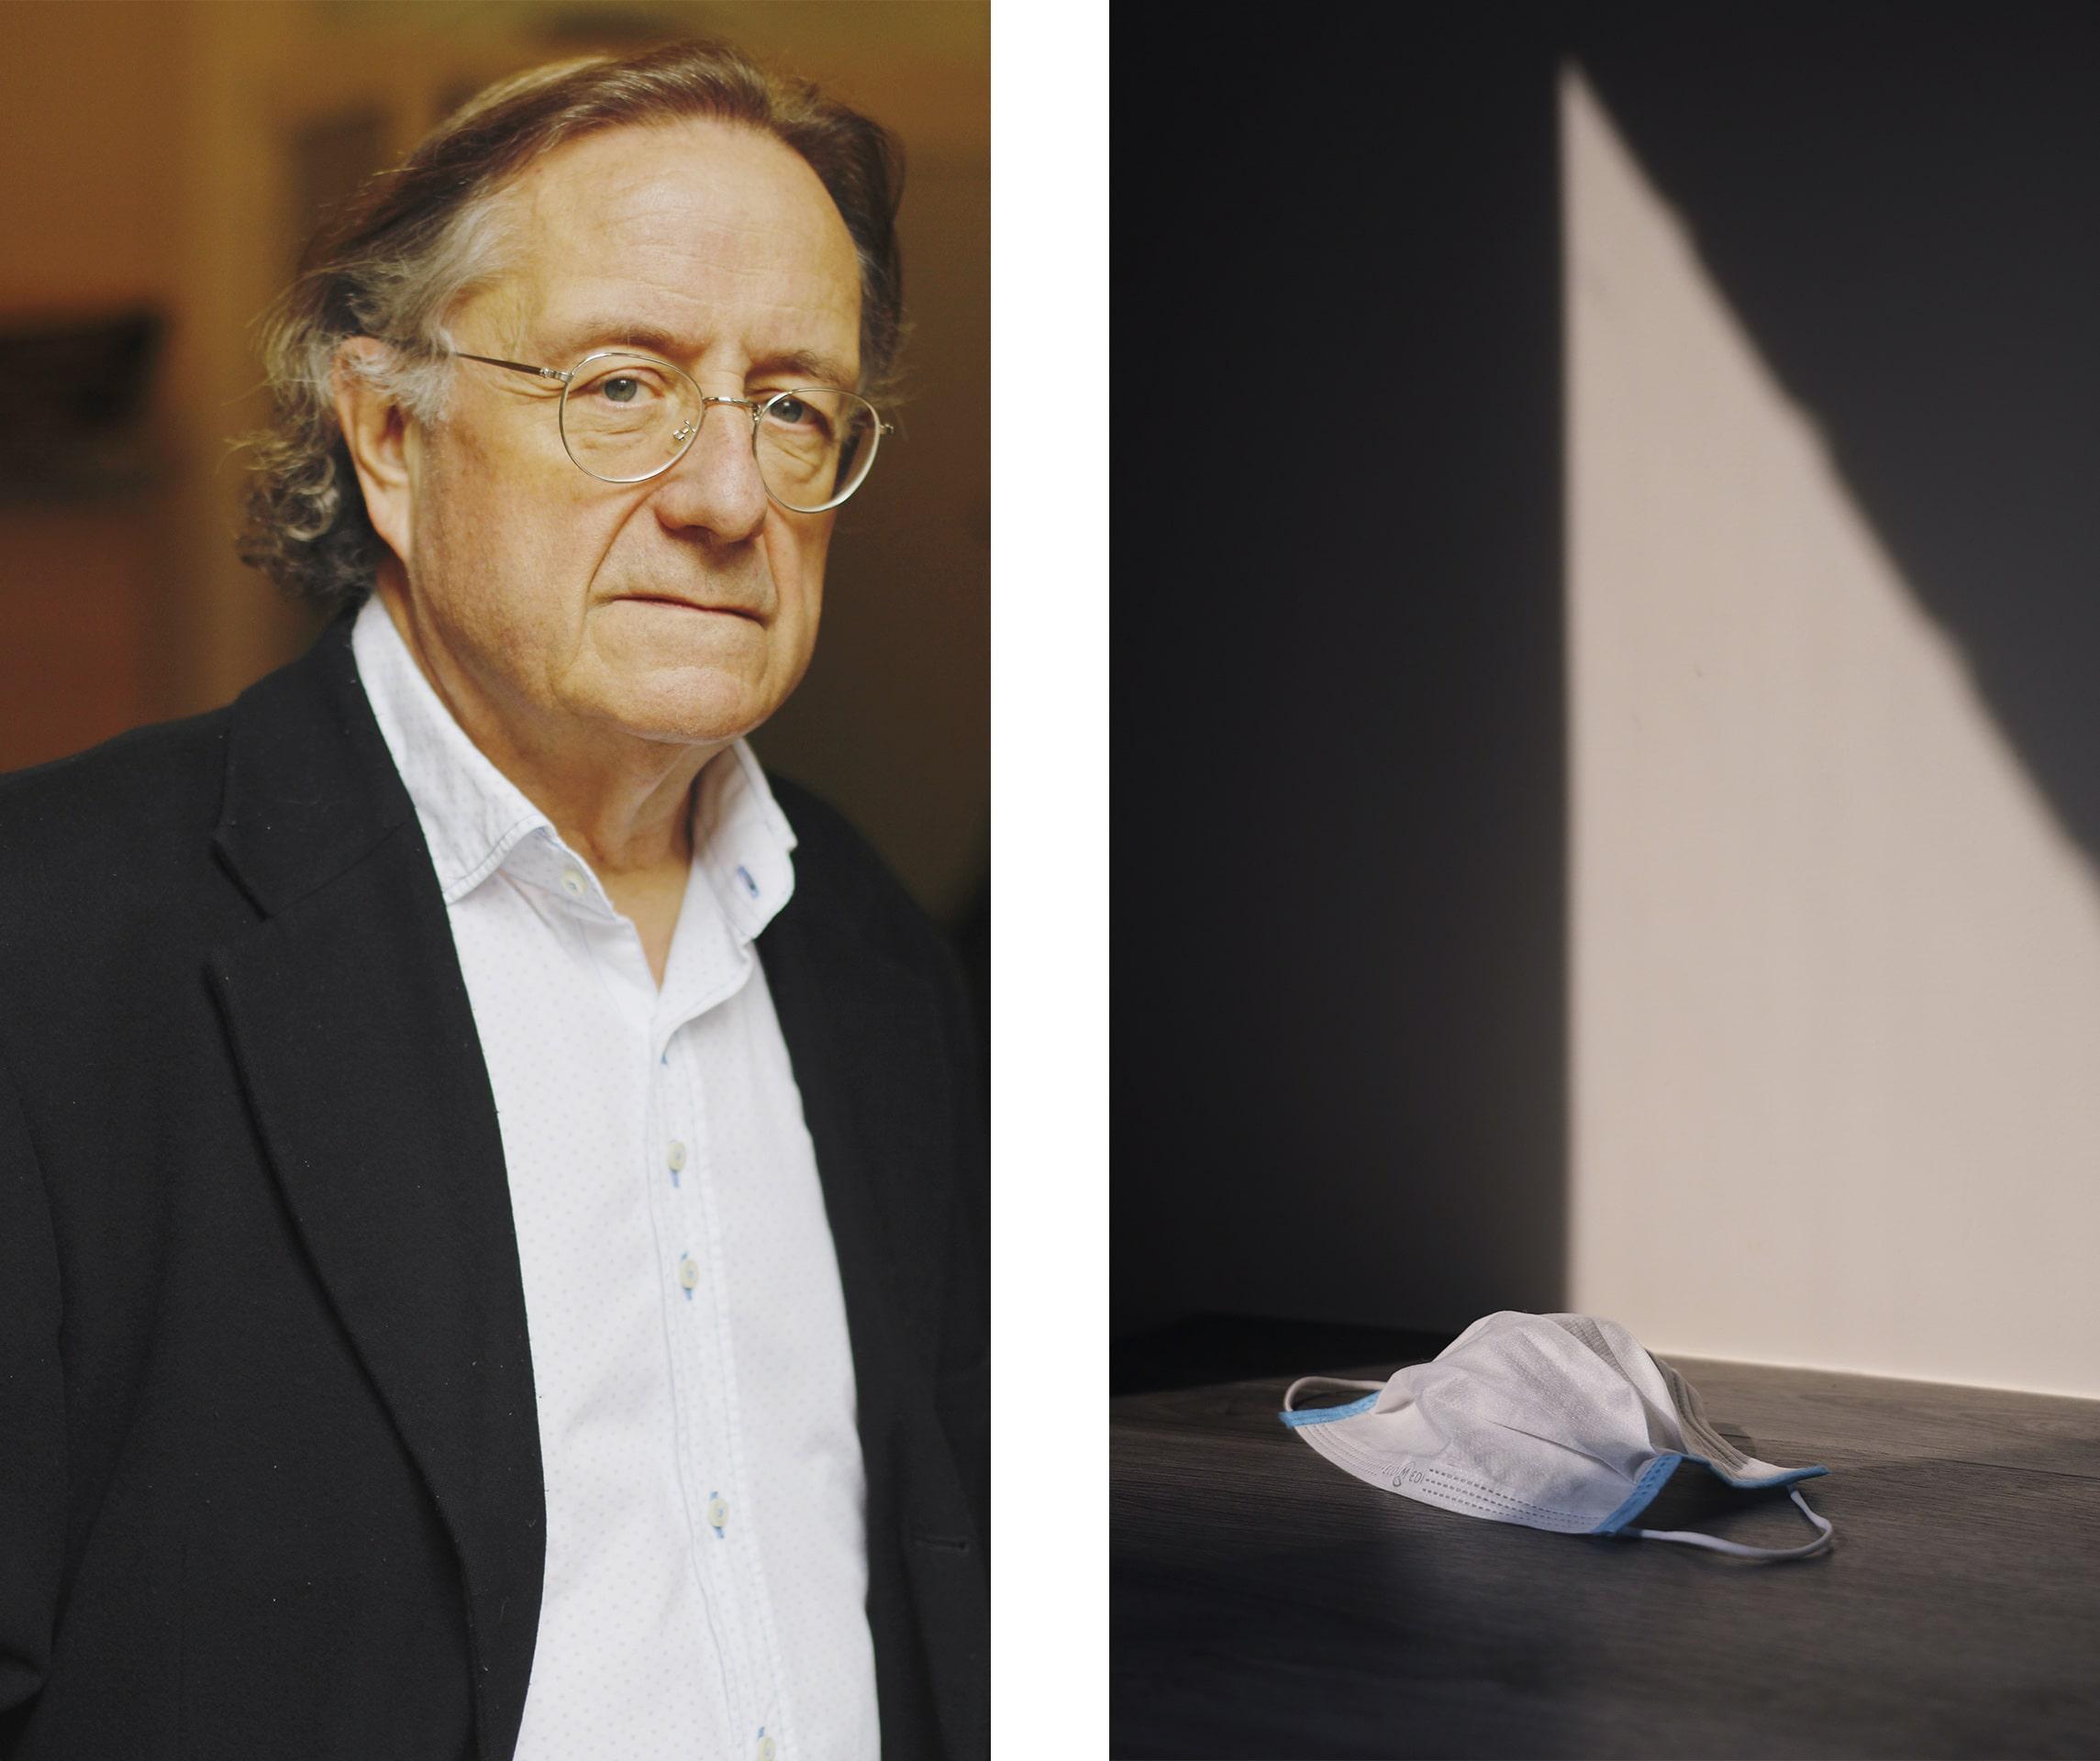 Josep Ramoneda sobre la pospandemia: «La vida es riesgo y tenemos que asumirlo»